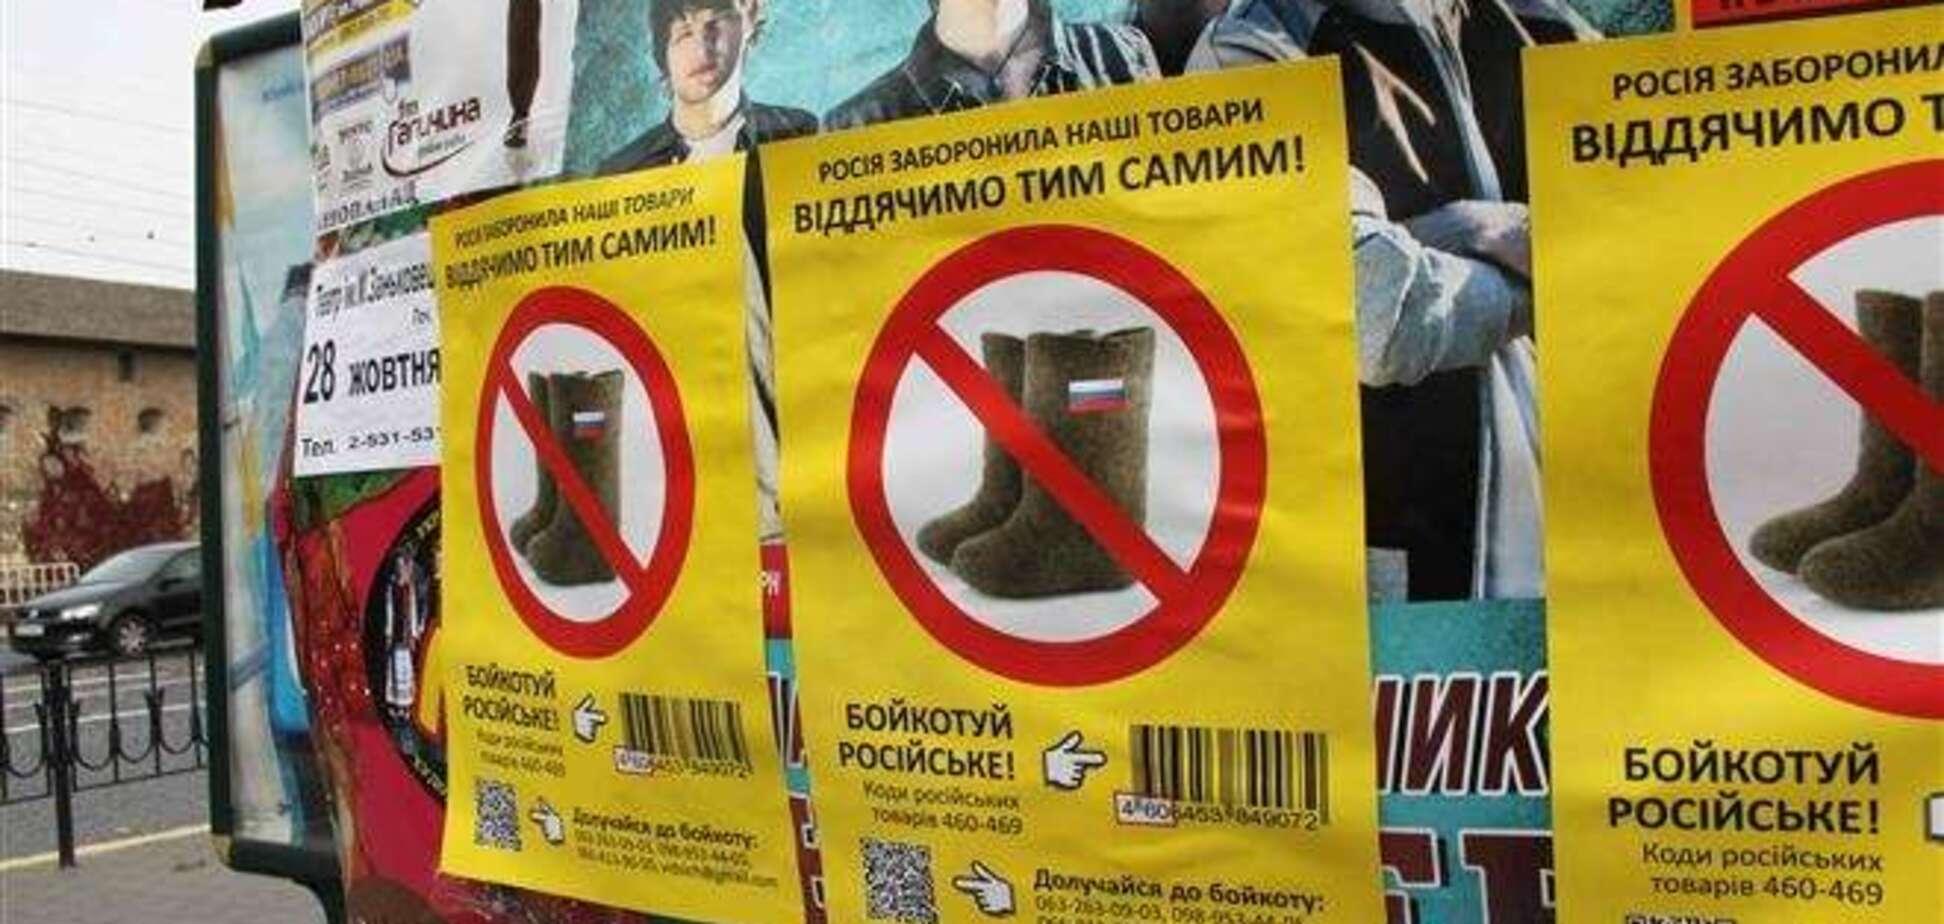 Львовян призывают игнорировать российские товары